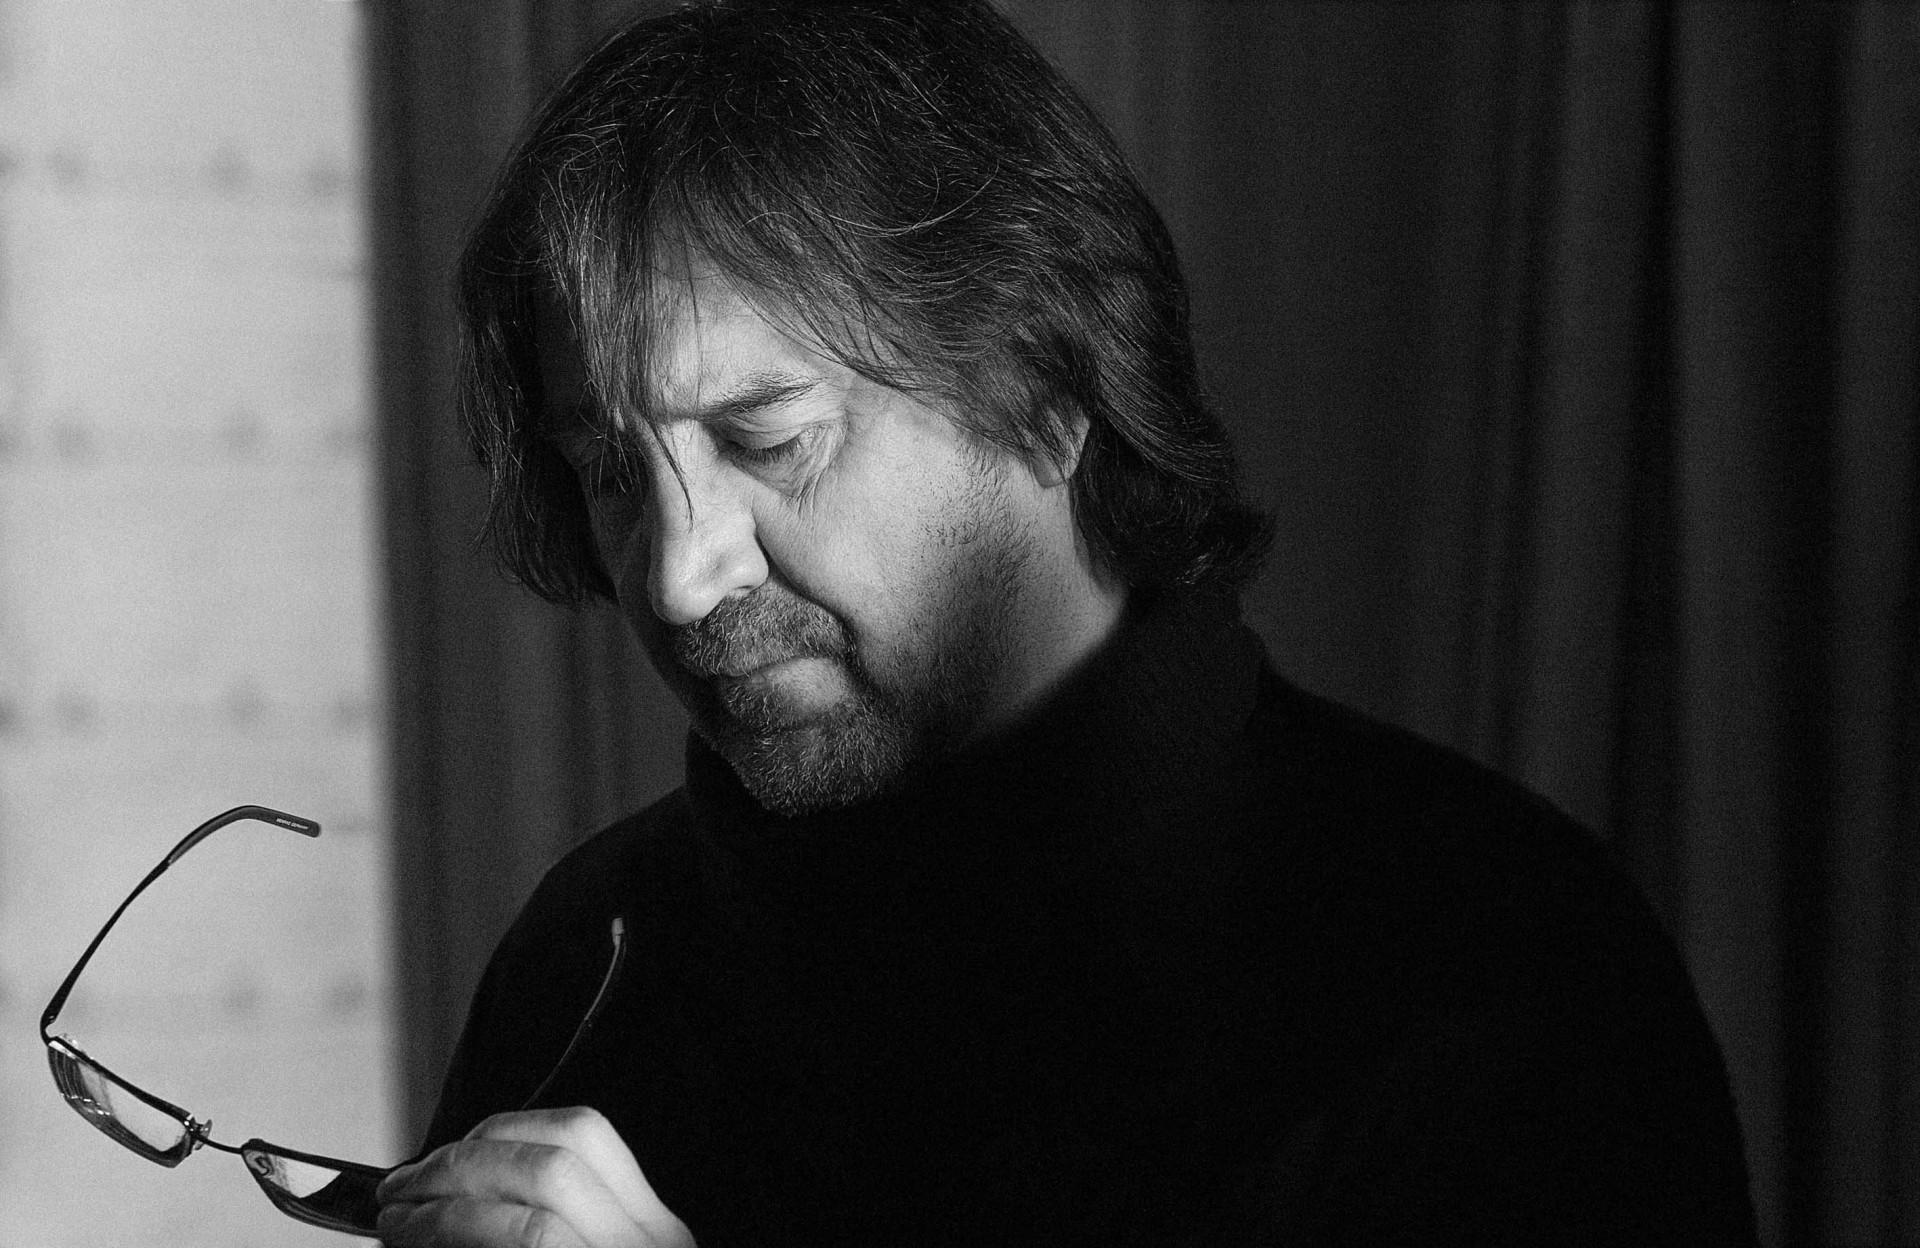 Юрий Шевчук, 2008